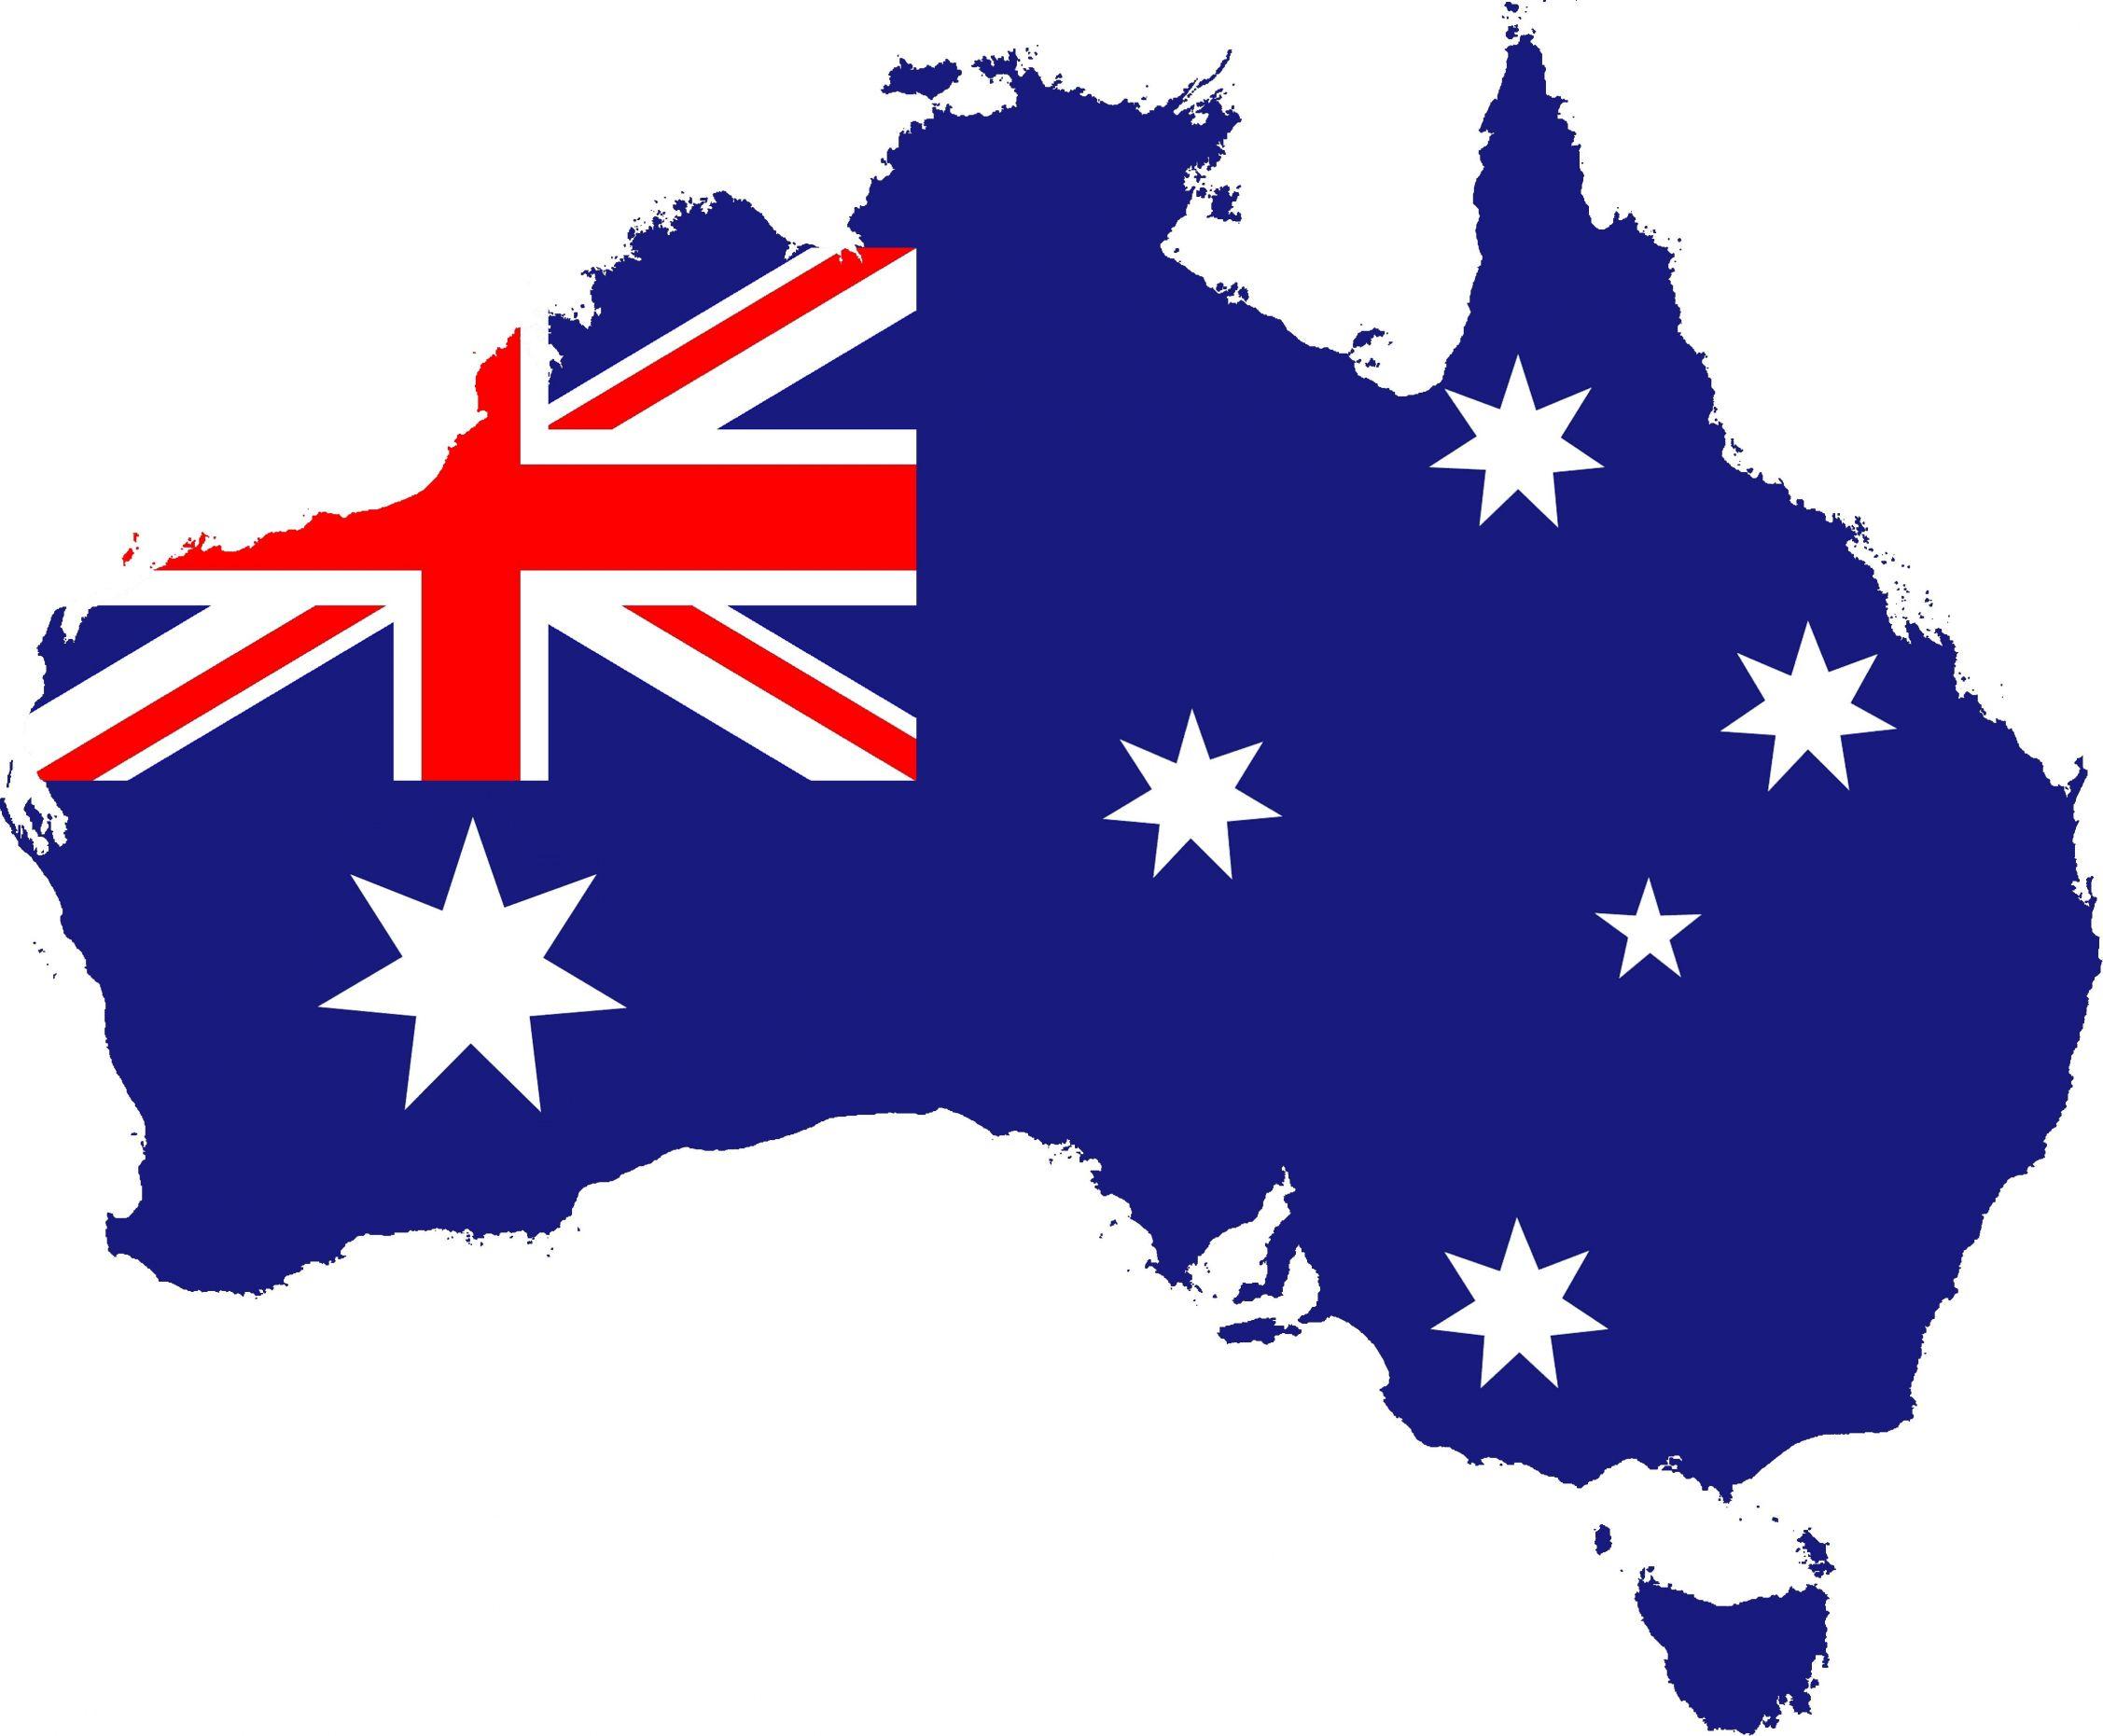 Llega a Australia un nuevo monolito con coordenadas de varias partes del mundo